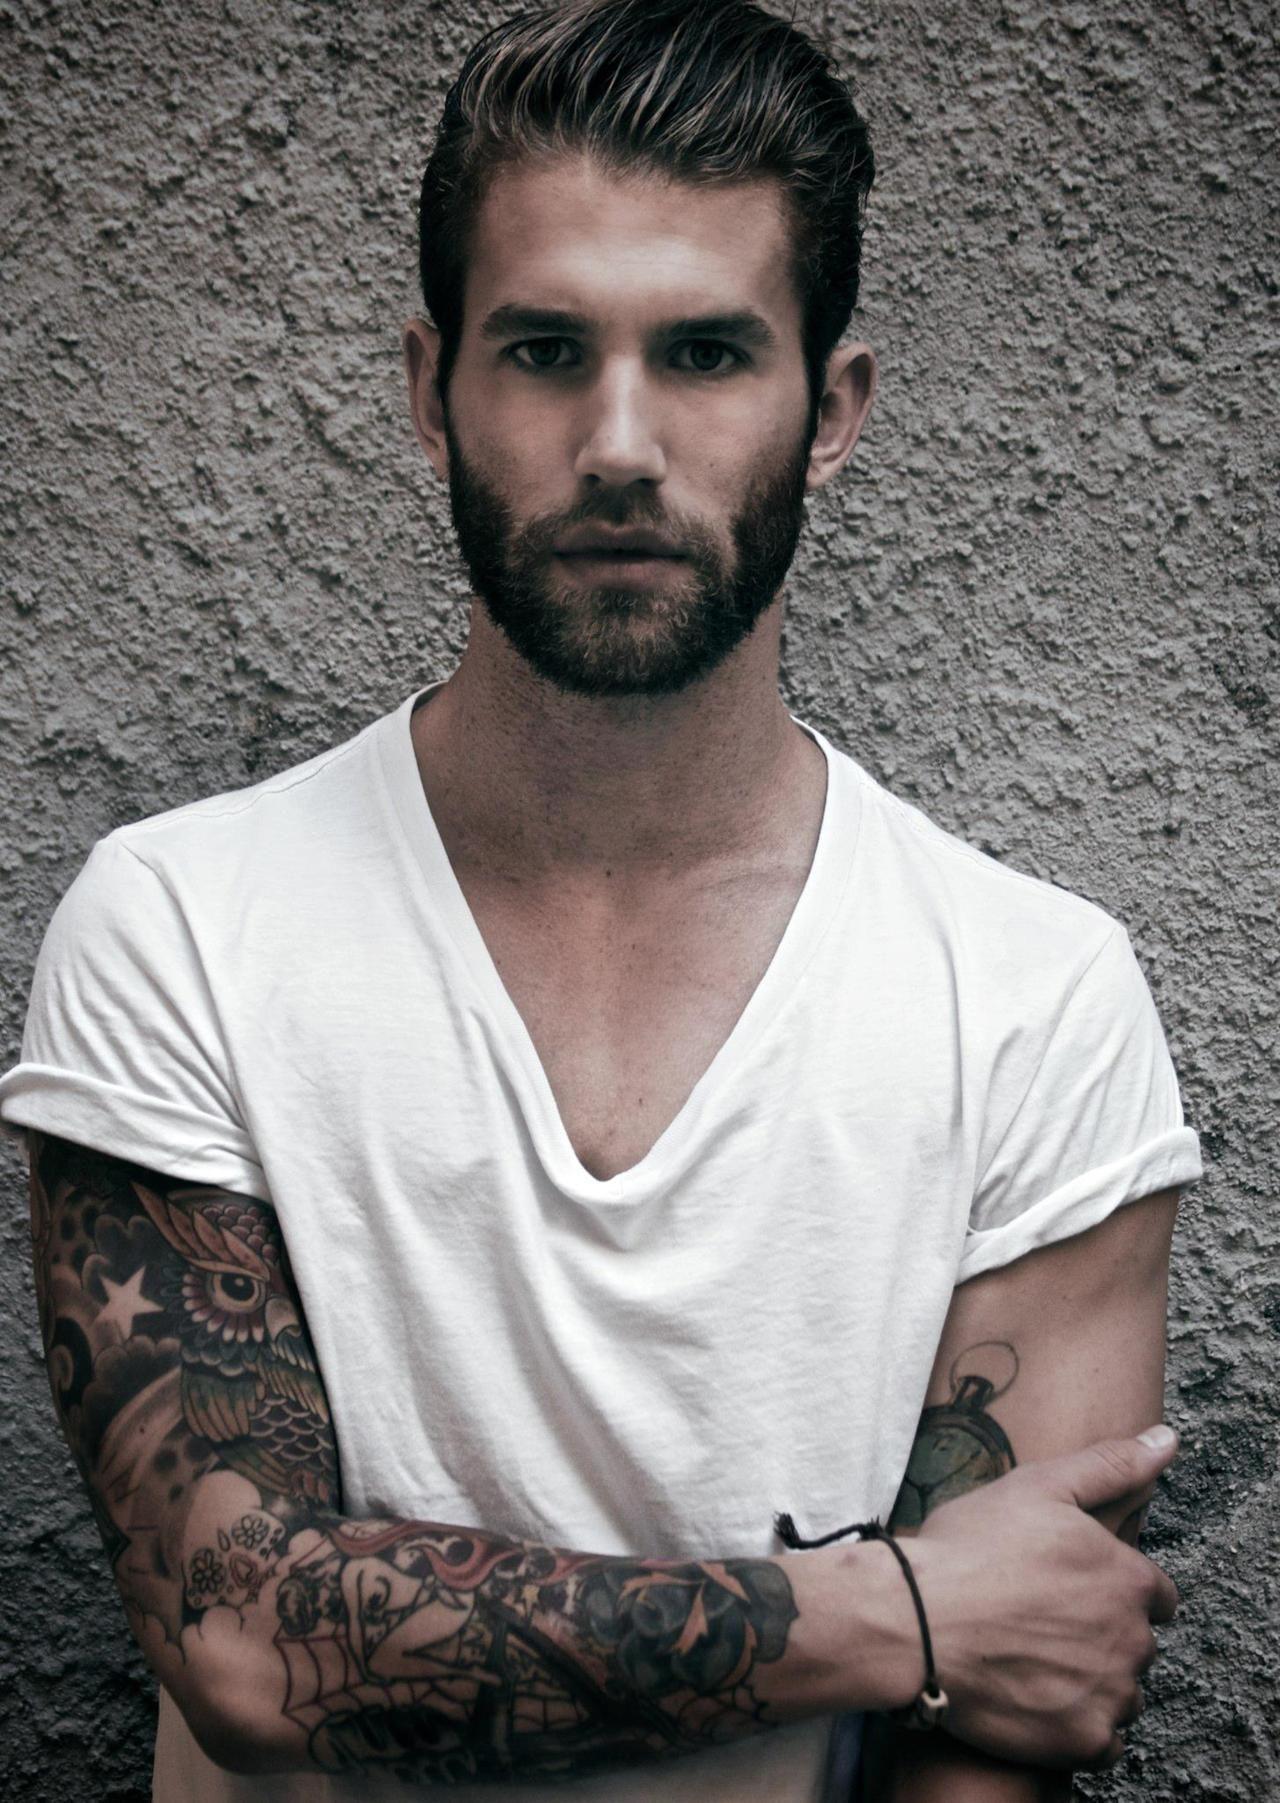 Bearded For Her Pleasure Beards Facial Hair Love Manly Men Mens V-neck T-shirt